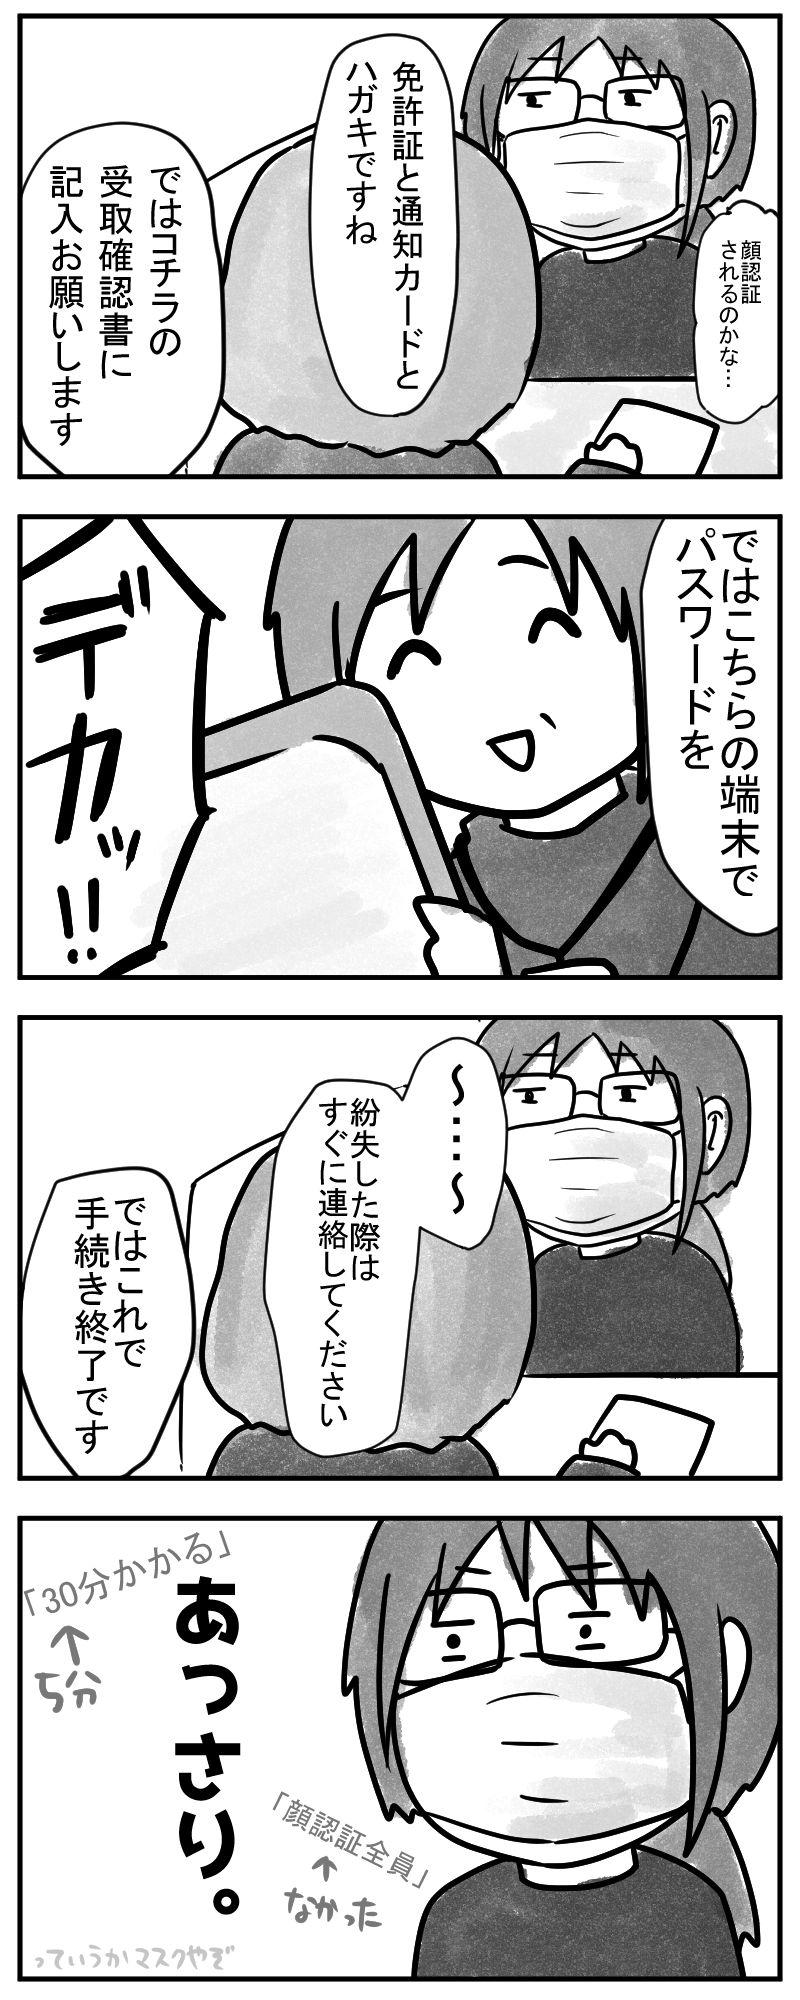 """""""マイナンバーカード受け取りに行った"""""""